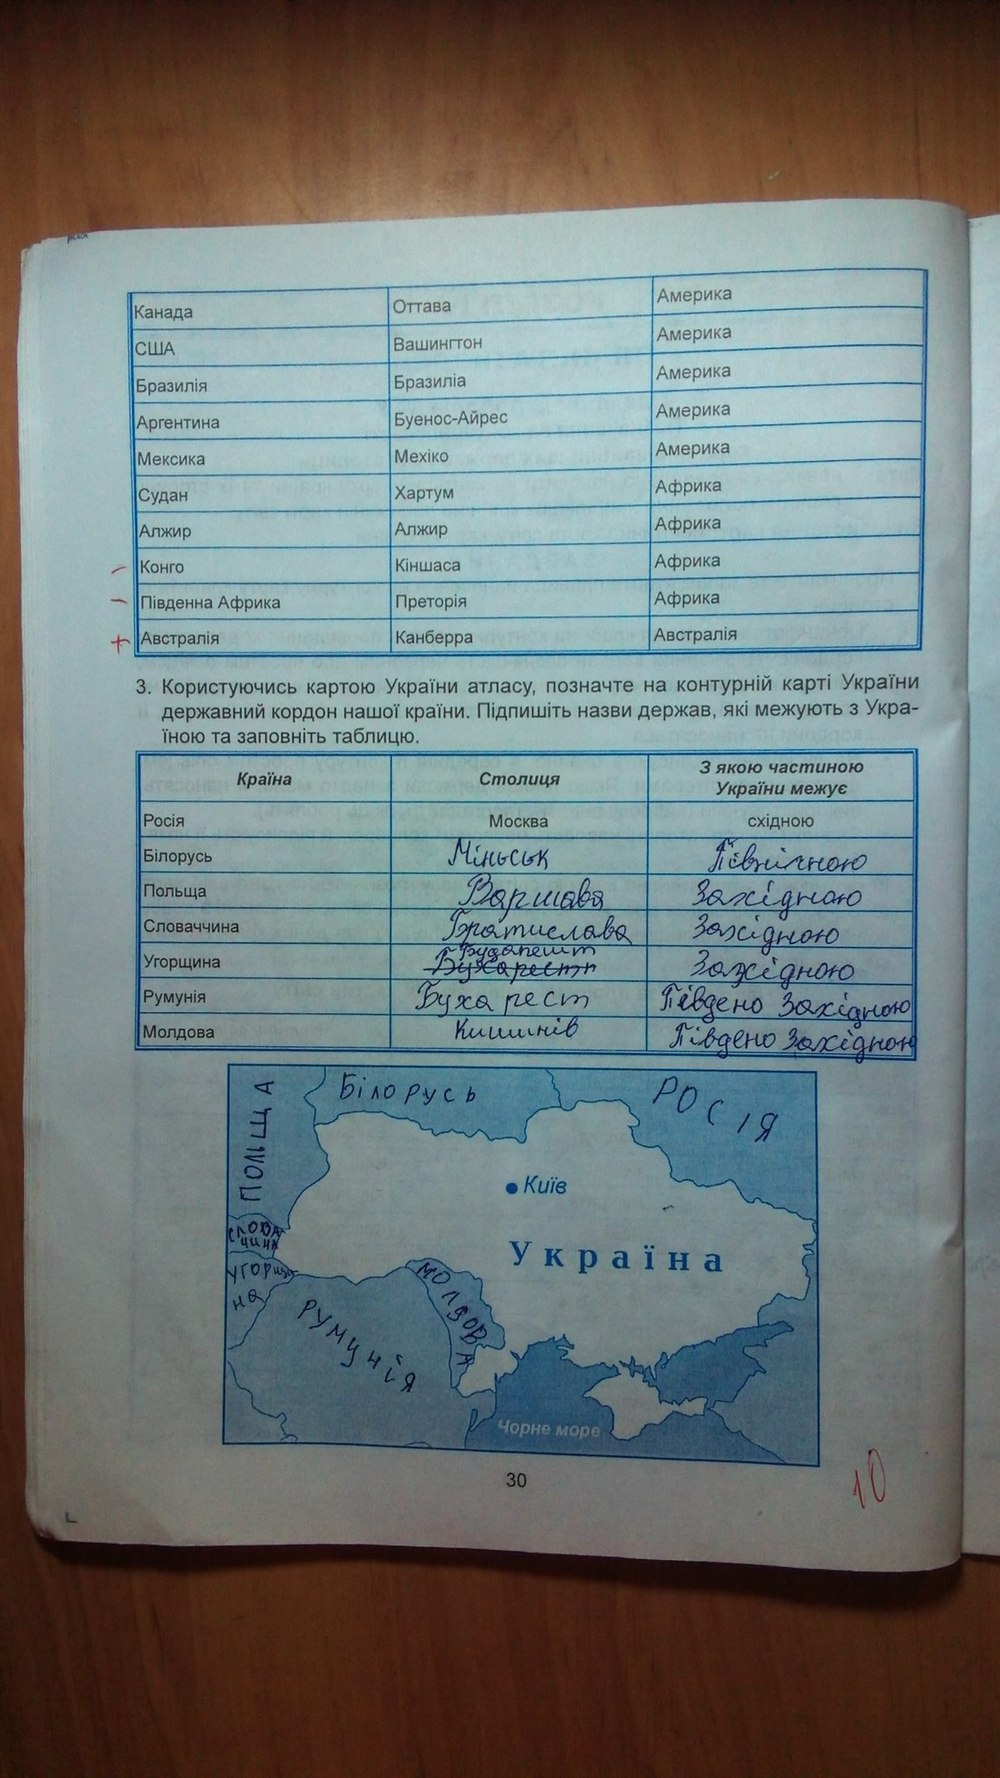 ГДЗ відповіді робочий зошит по географии 6 класс Кобернік С. Г., Коваленко Р. Р.. Задание: стр. 30